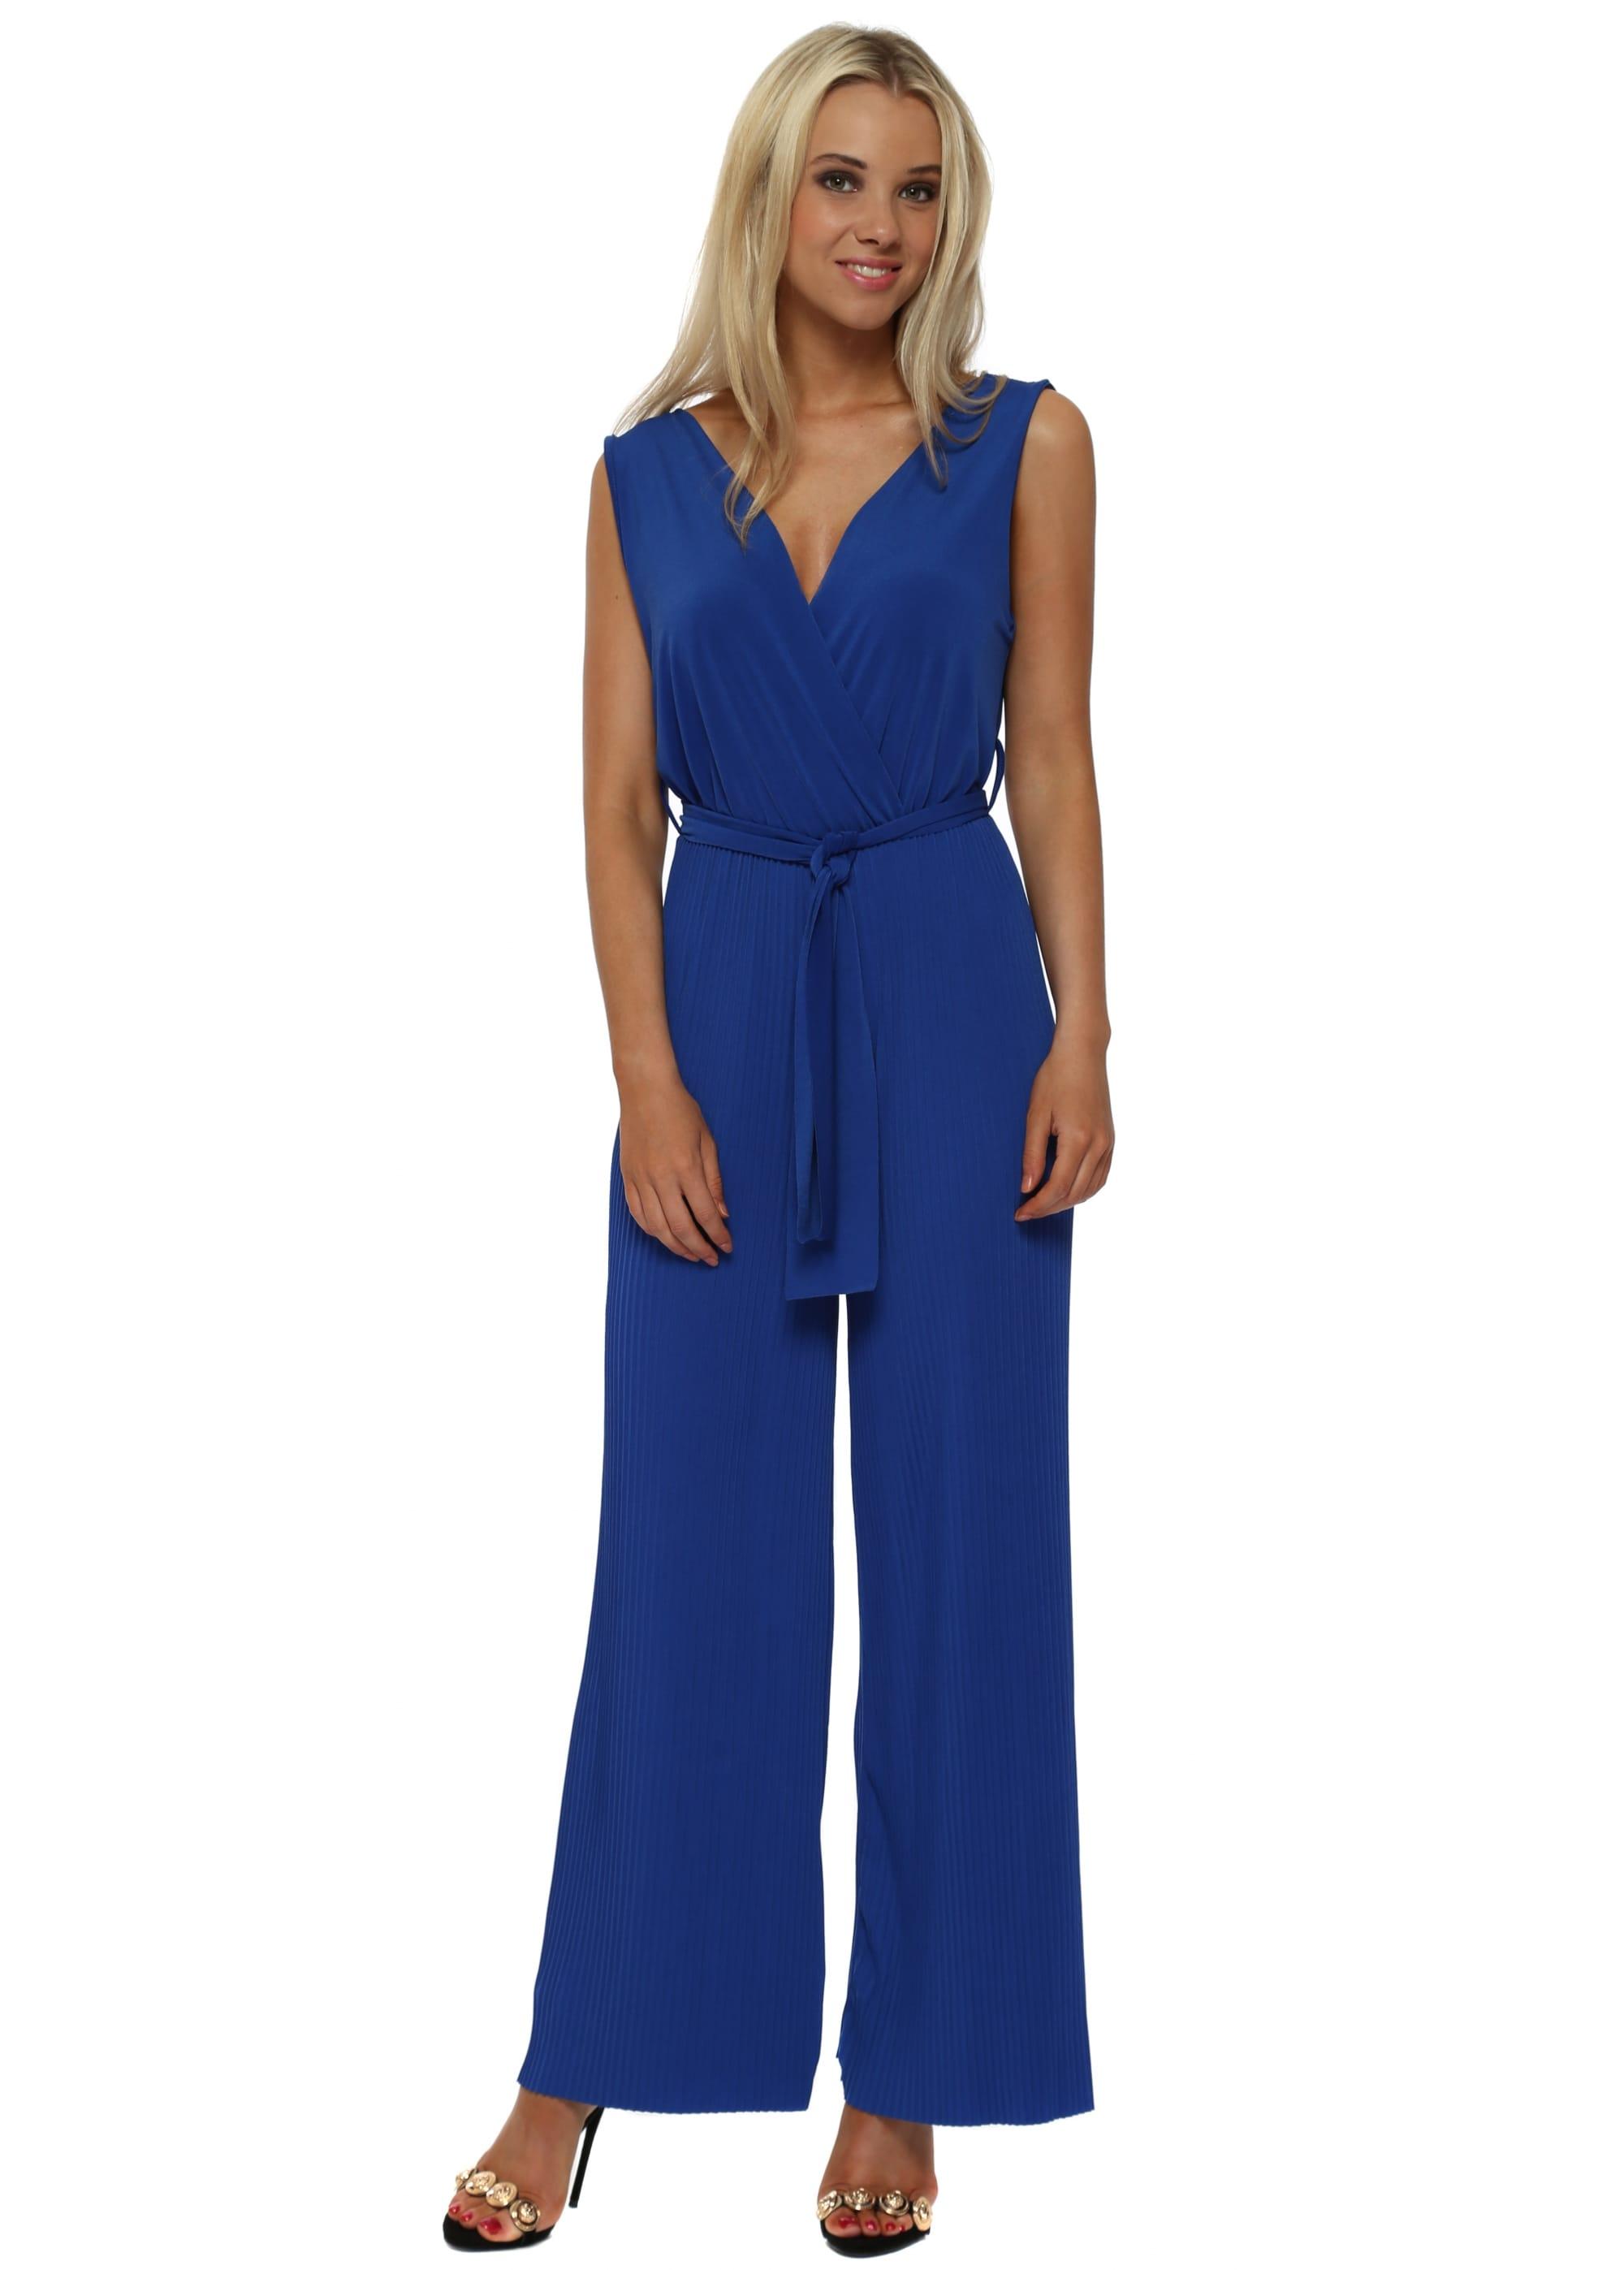 f237f044583 Royal Blue Slinky Pleated Wide Leg Jumpsuit